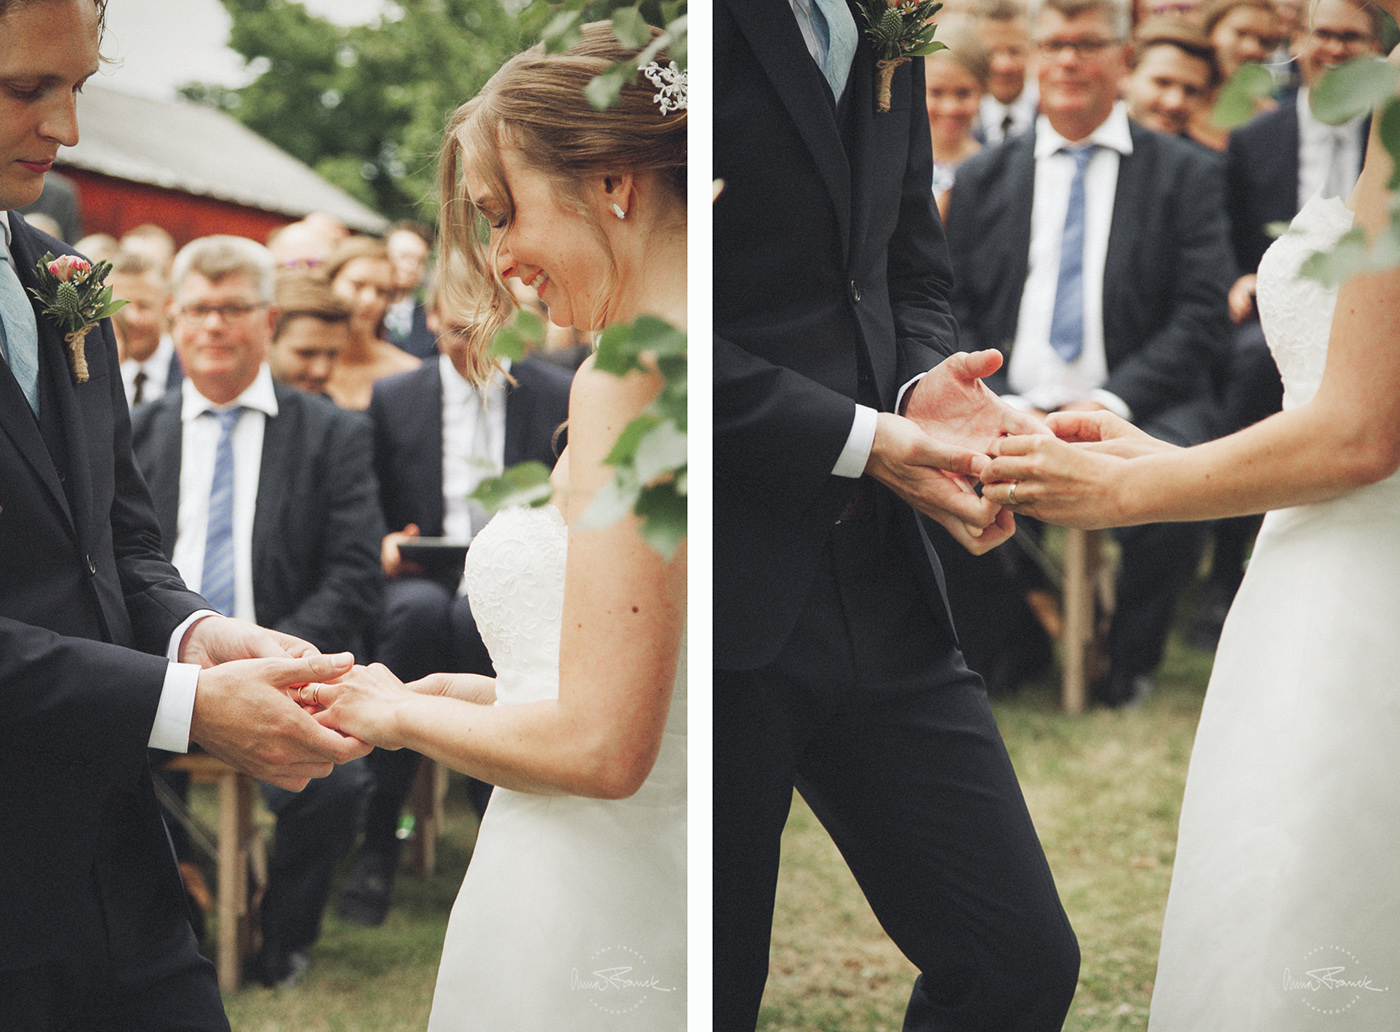 anna, franck, photography, wedding, weddingphotographer, bröllopsfotograf, stockholm, nyköping, bröllop, häät, summer, kesä, sommar, natural, naturligt, vackert, avslappnat, relaxed, nature, dress, hääpuku, bröllopsklänning, bukett, kukat, flowers, porträtt, muotokuva, portraits, vigsel, onlocation, utomhusvigsel, ringar, weddingbands, openairceremony